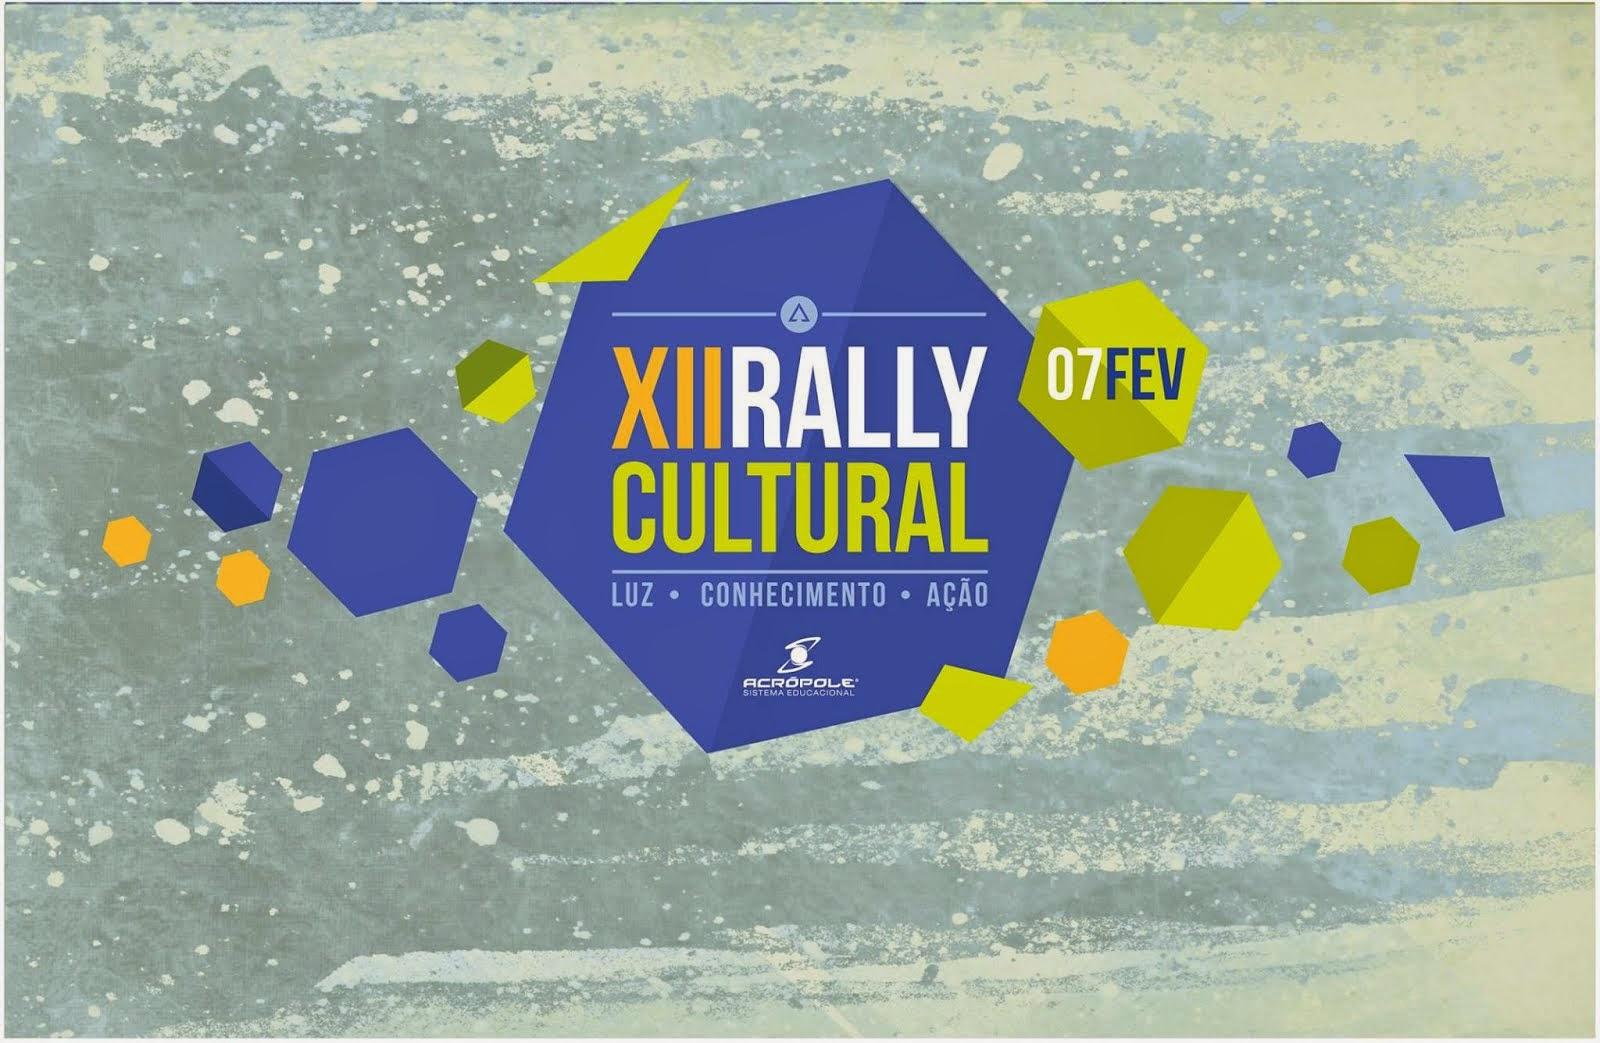 XII Rally Cultural do Acrópole